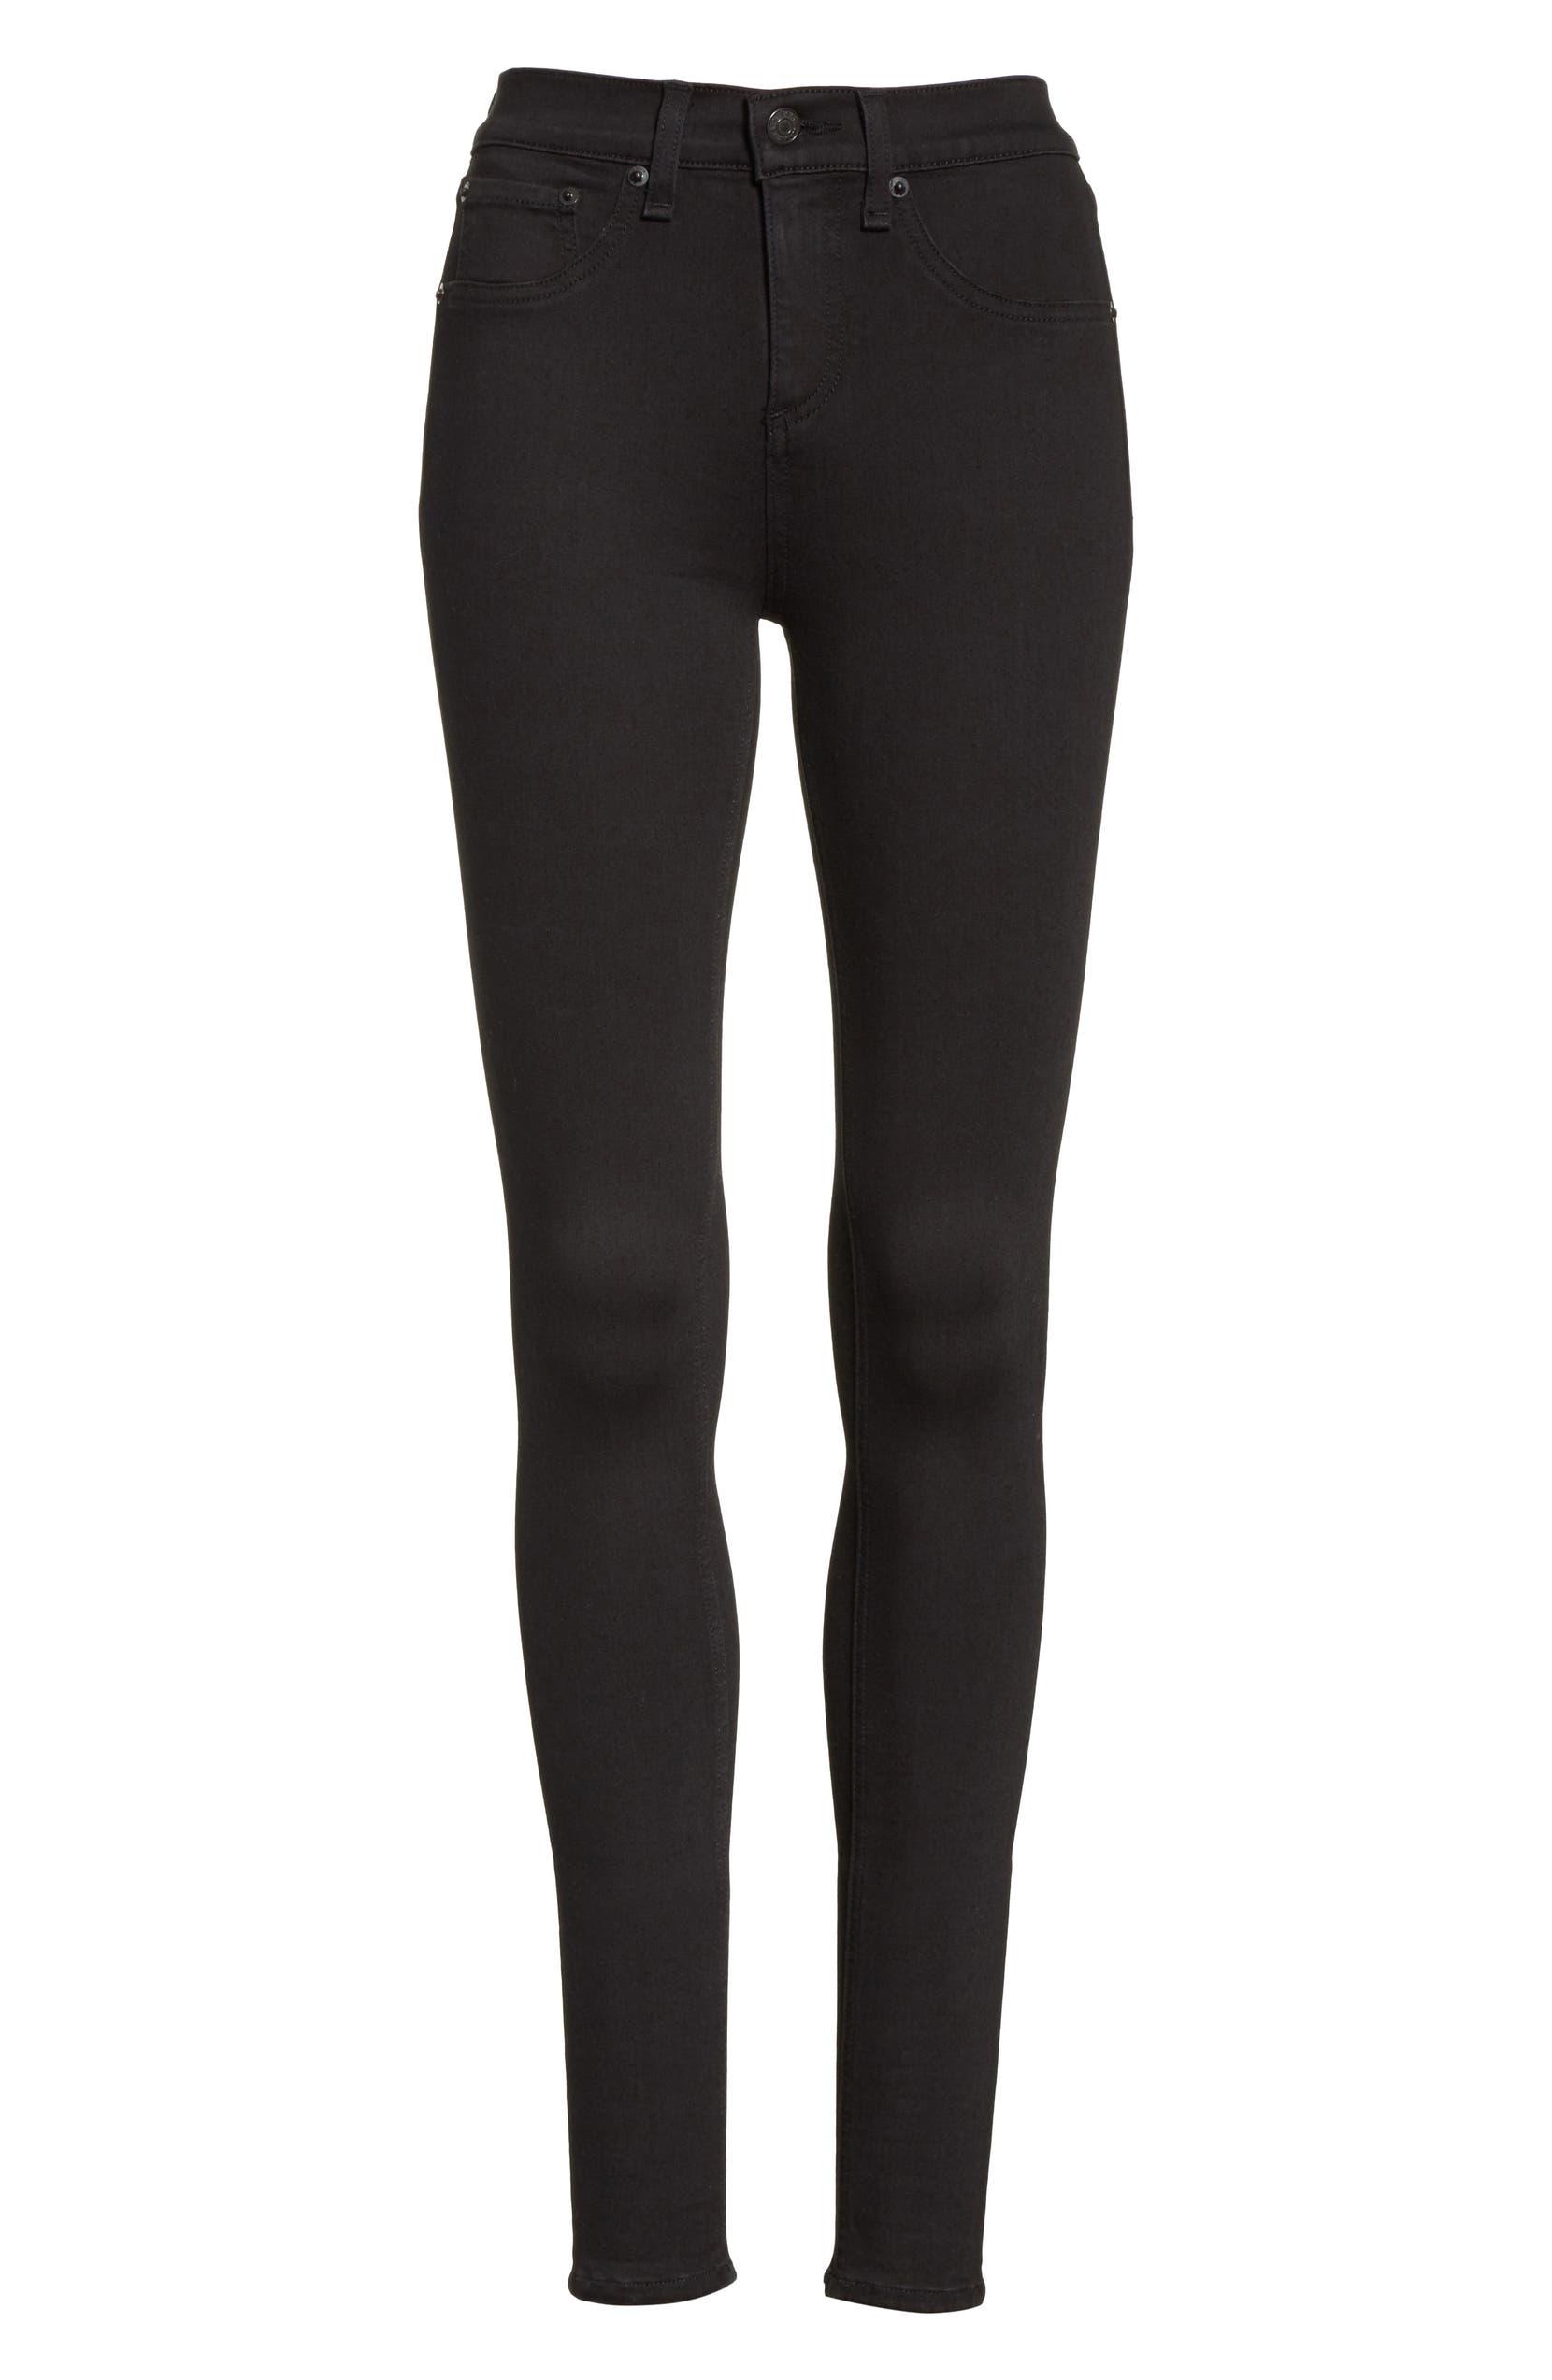 4fb582dae9f62 rag & bone High Waist Leggings (Black) | Nordstrom